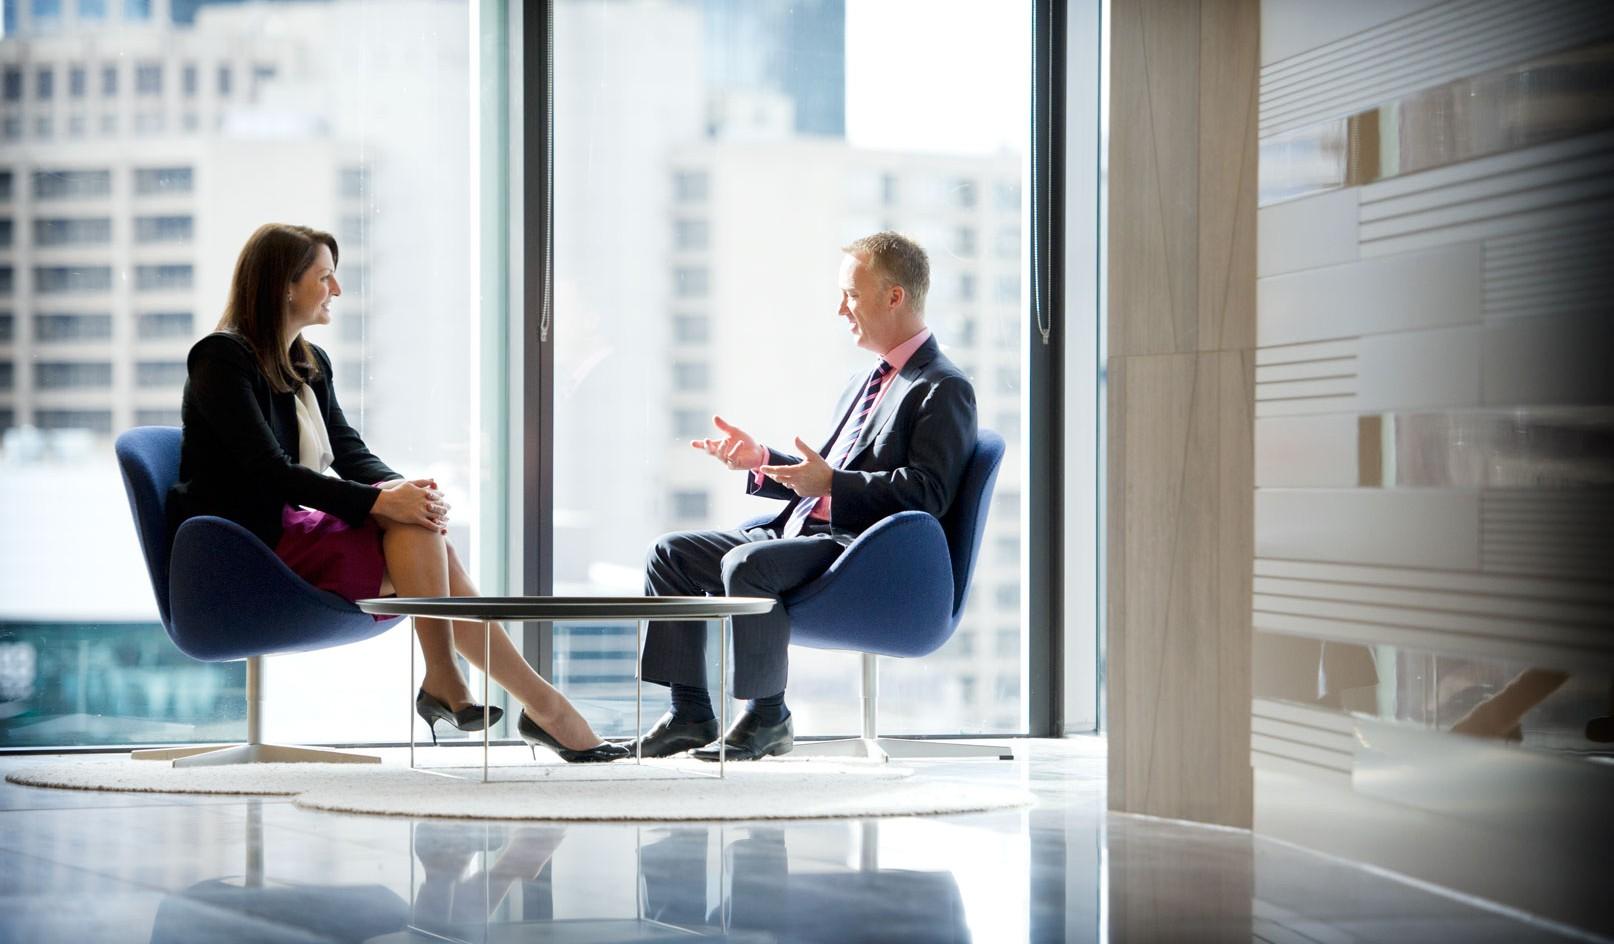 <div>Corporate</div><div> <a href='http://www.nedmeldrum.com.au/project/mercer-ceo/'>View Series</a></div>